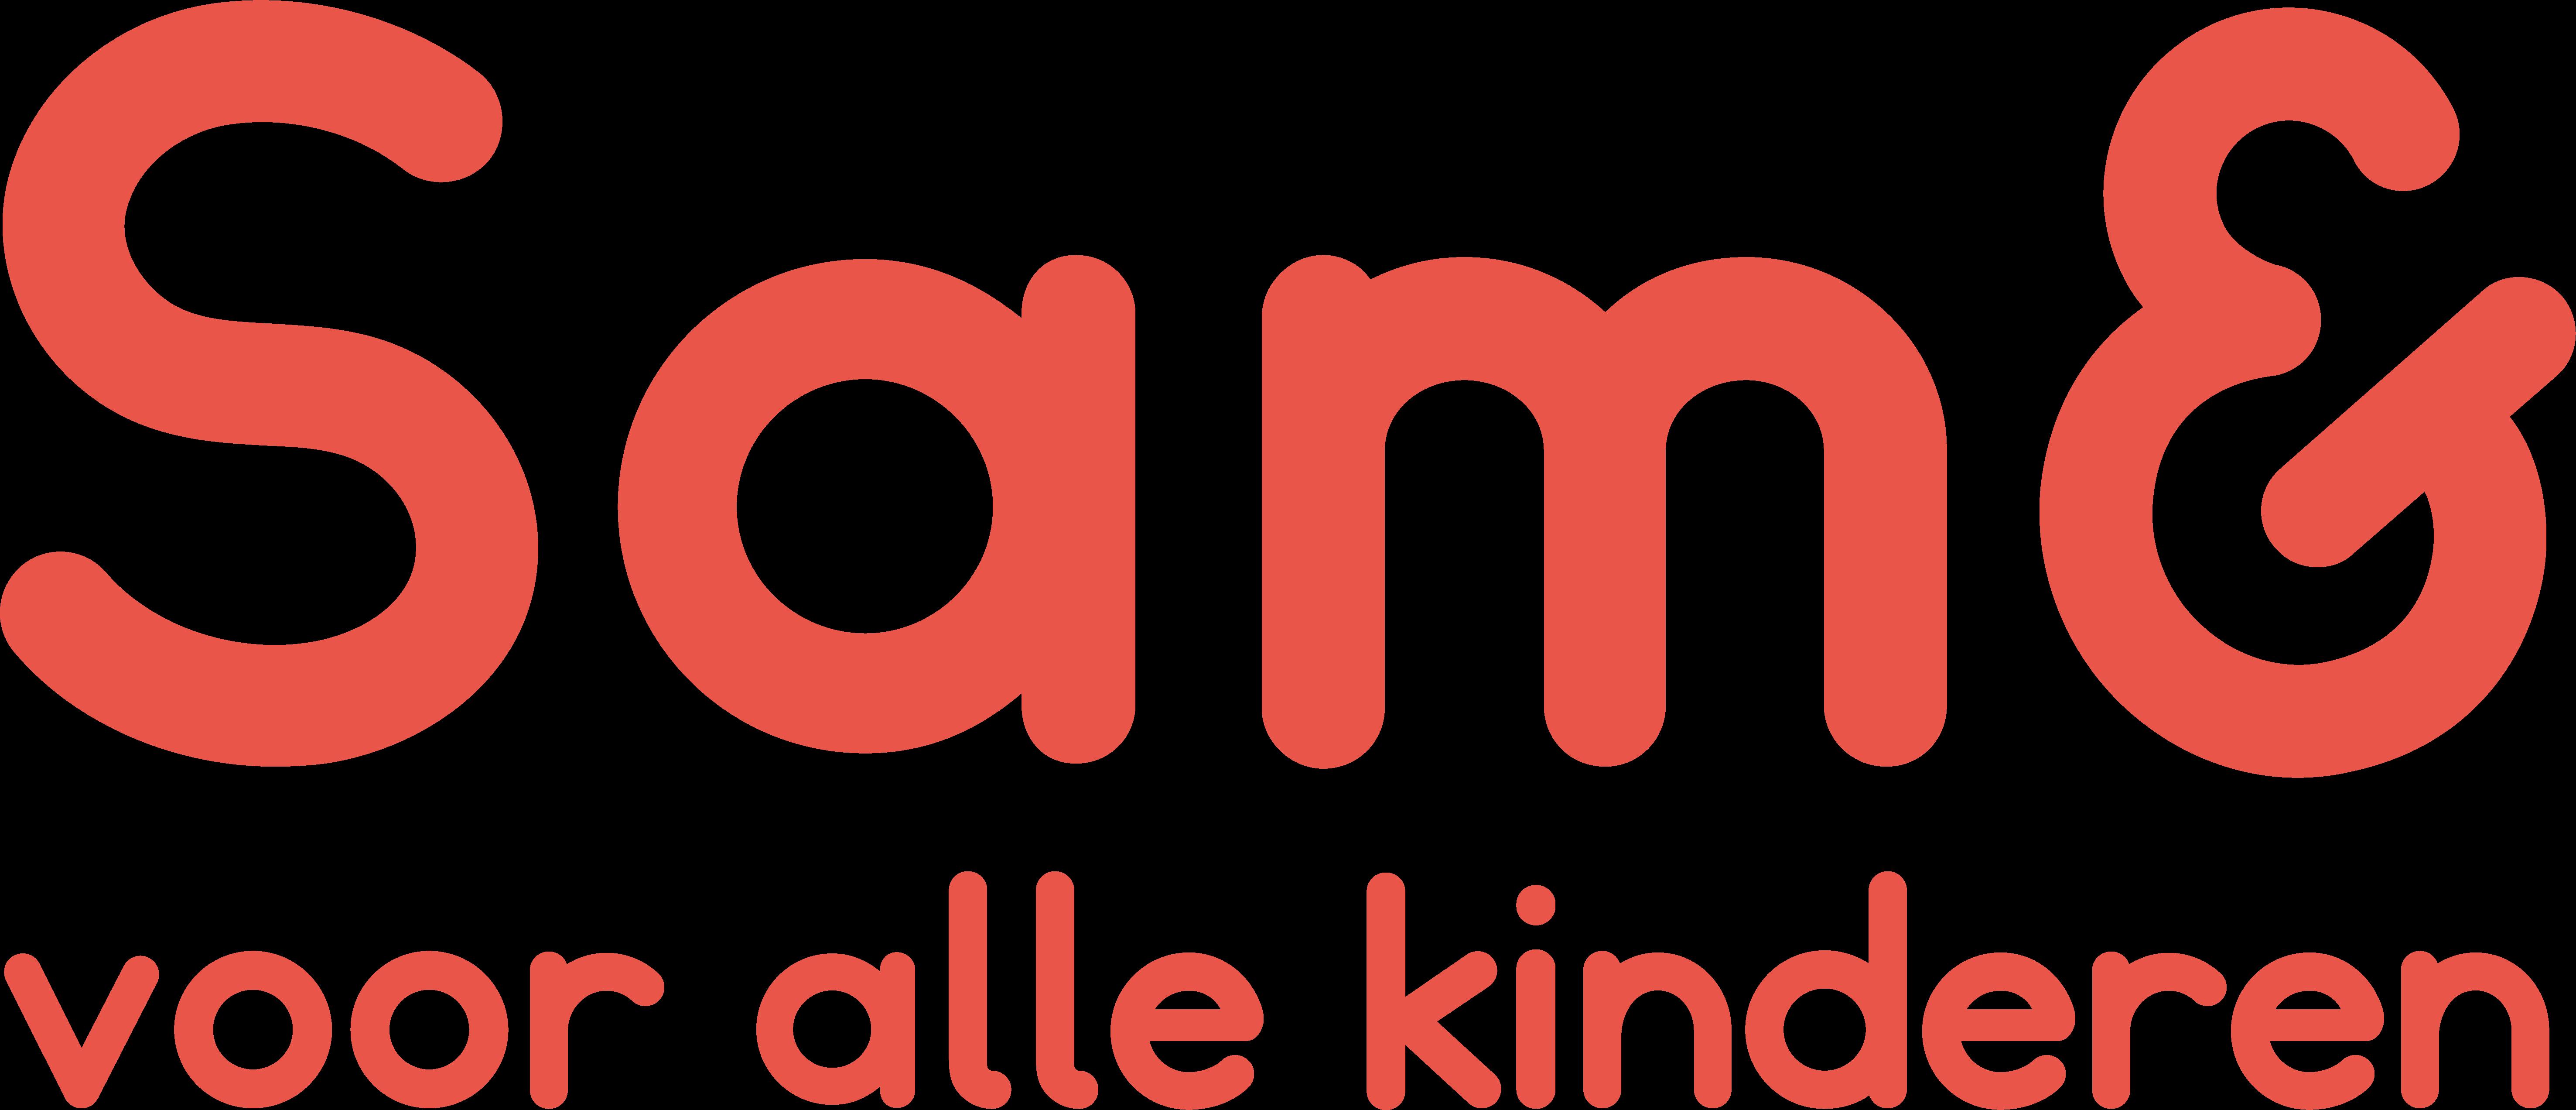 Logo Sam& voor alle kinderen